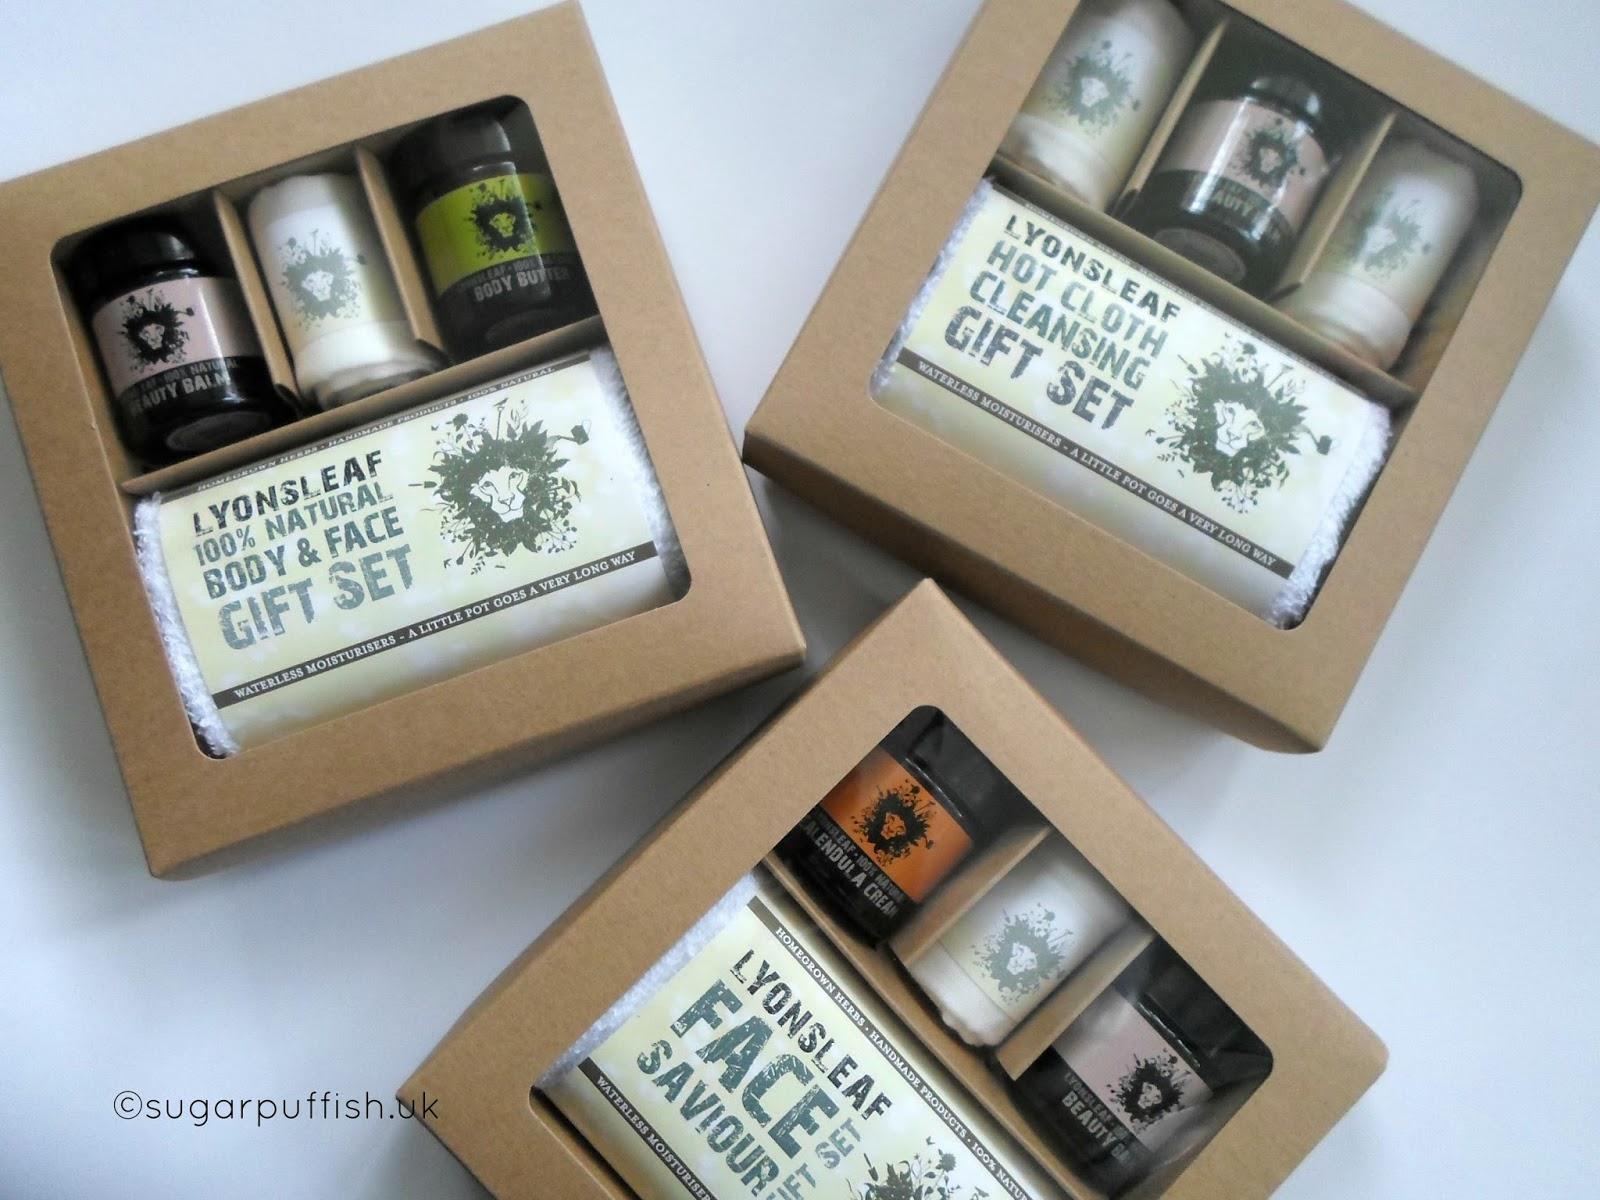 Lyonsleaf Gift Sets